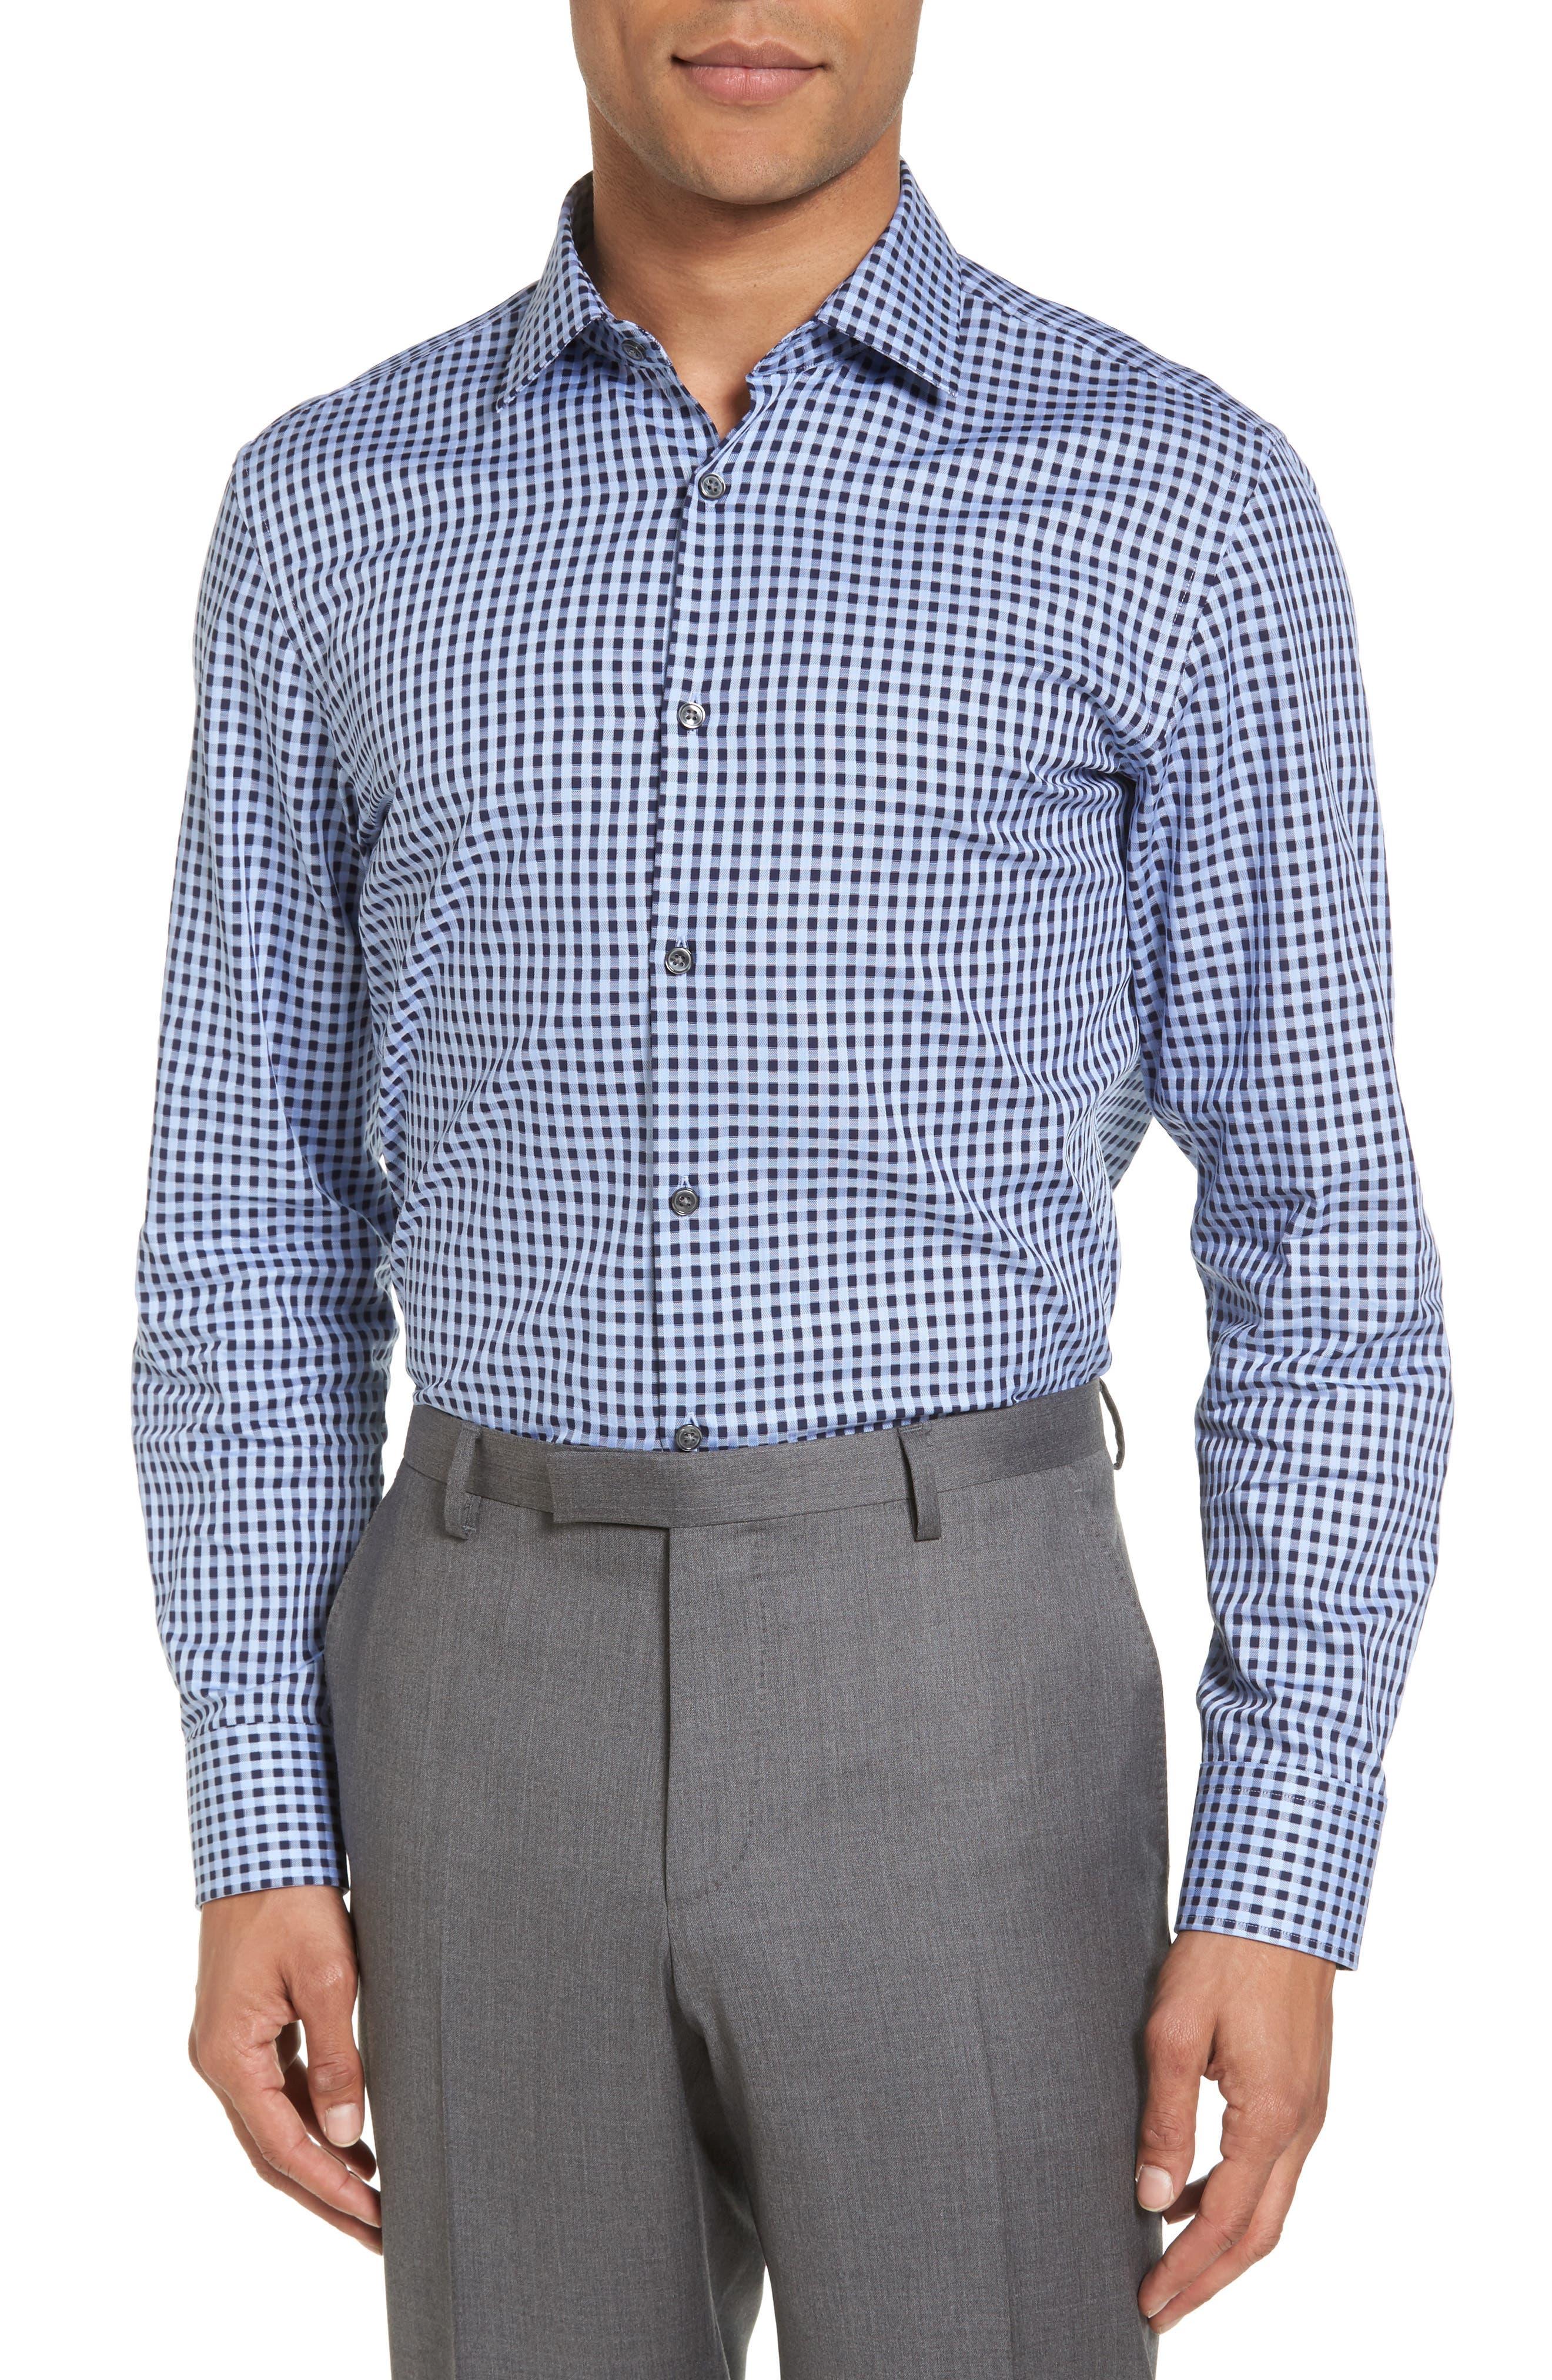 Sharp Fit Check Dress Shirt,                             Main thumbnail 1, color,                             410